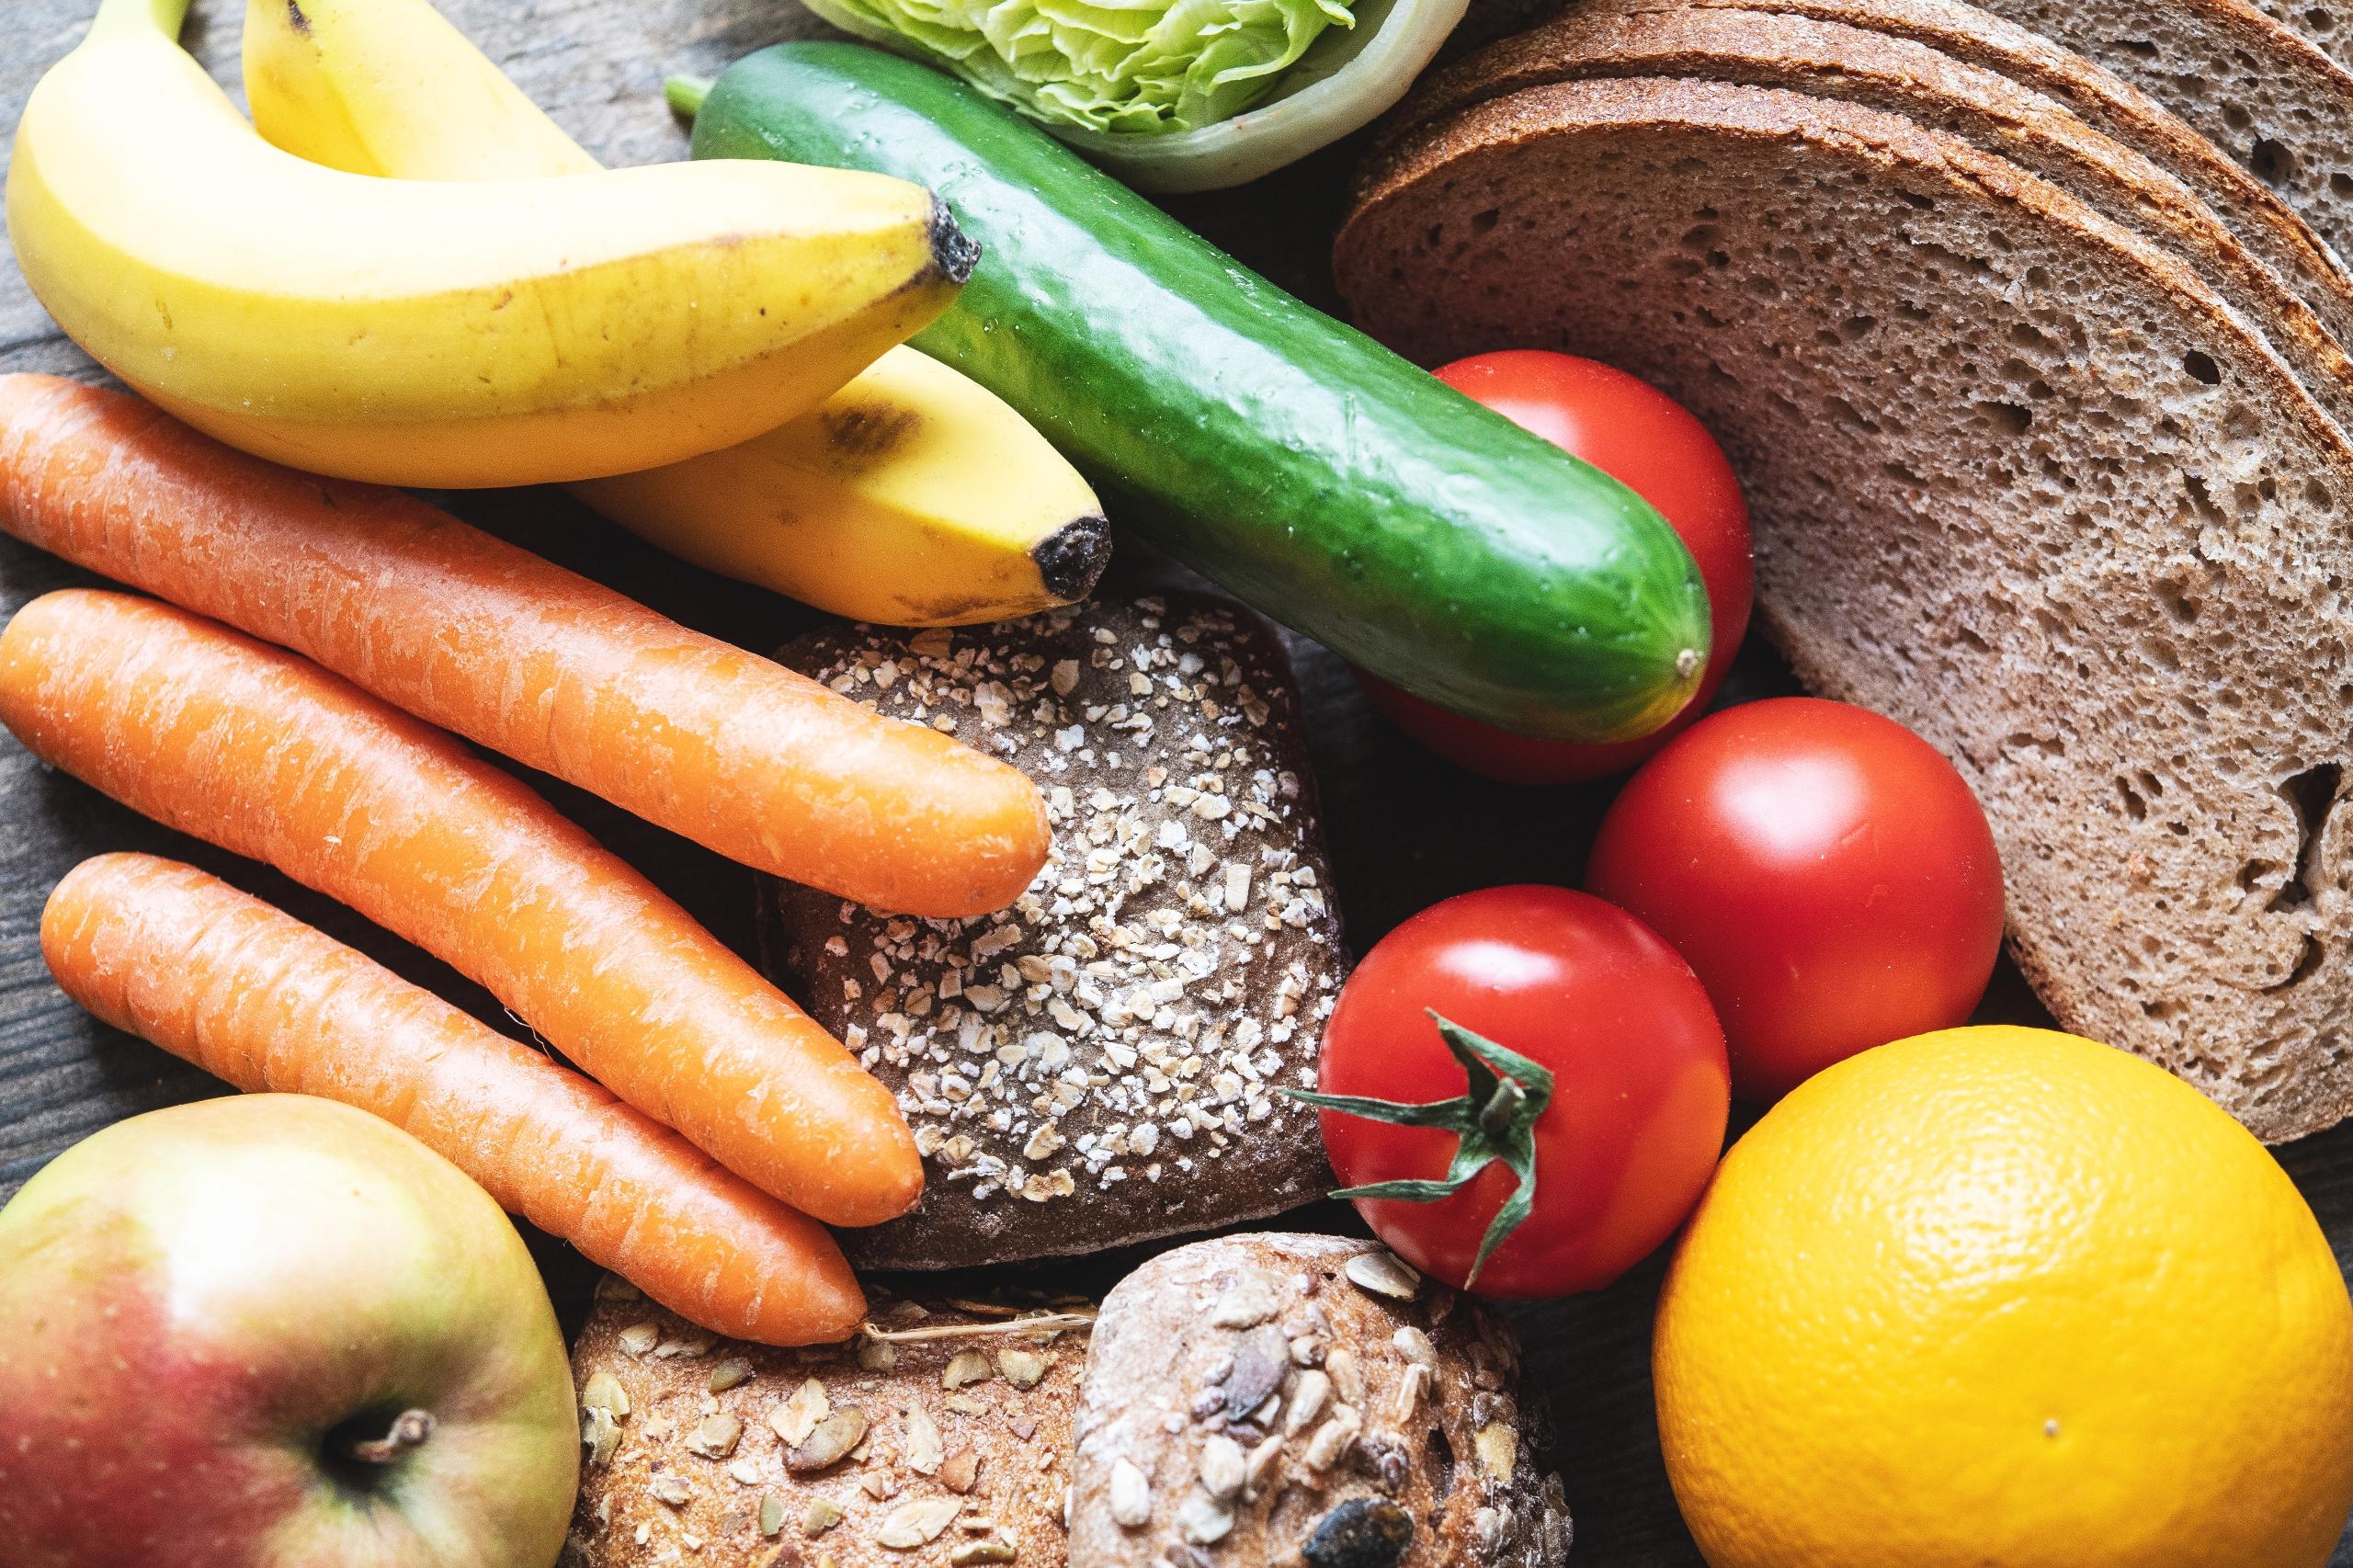 ¿Es recomendable una dieta con mucha verdura y algo de grasa?